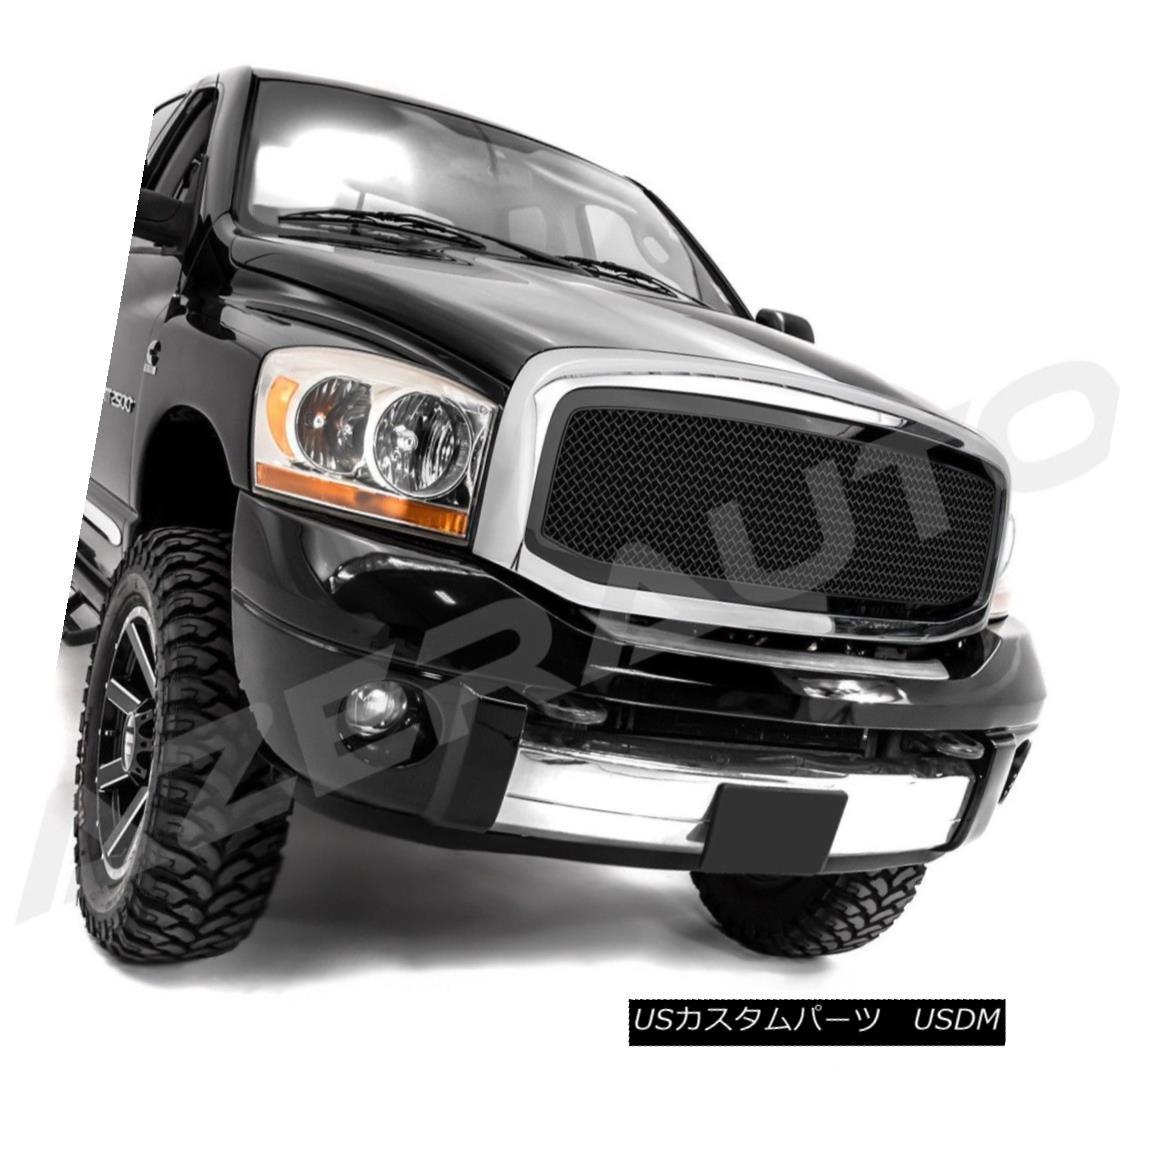 グリル 06-08 Dodge Ram 1500+06-09 RAM 2500+3500 Black Packaged Mesh Grille+Chrome Shell 06-08ダッジラム1500 + 06-09 RAM 2500 + 3500ブラックパッケージメッシュグリル+クロムシェル